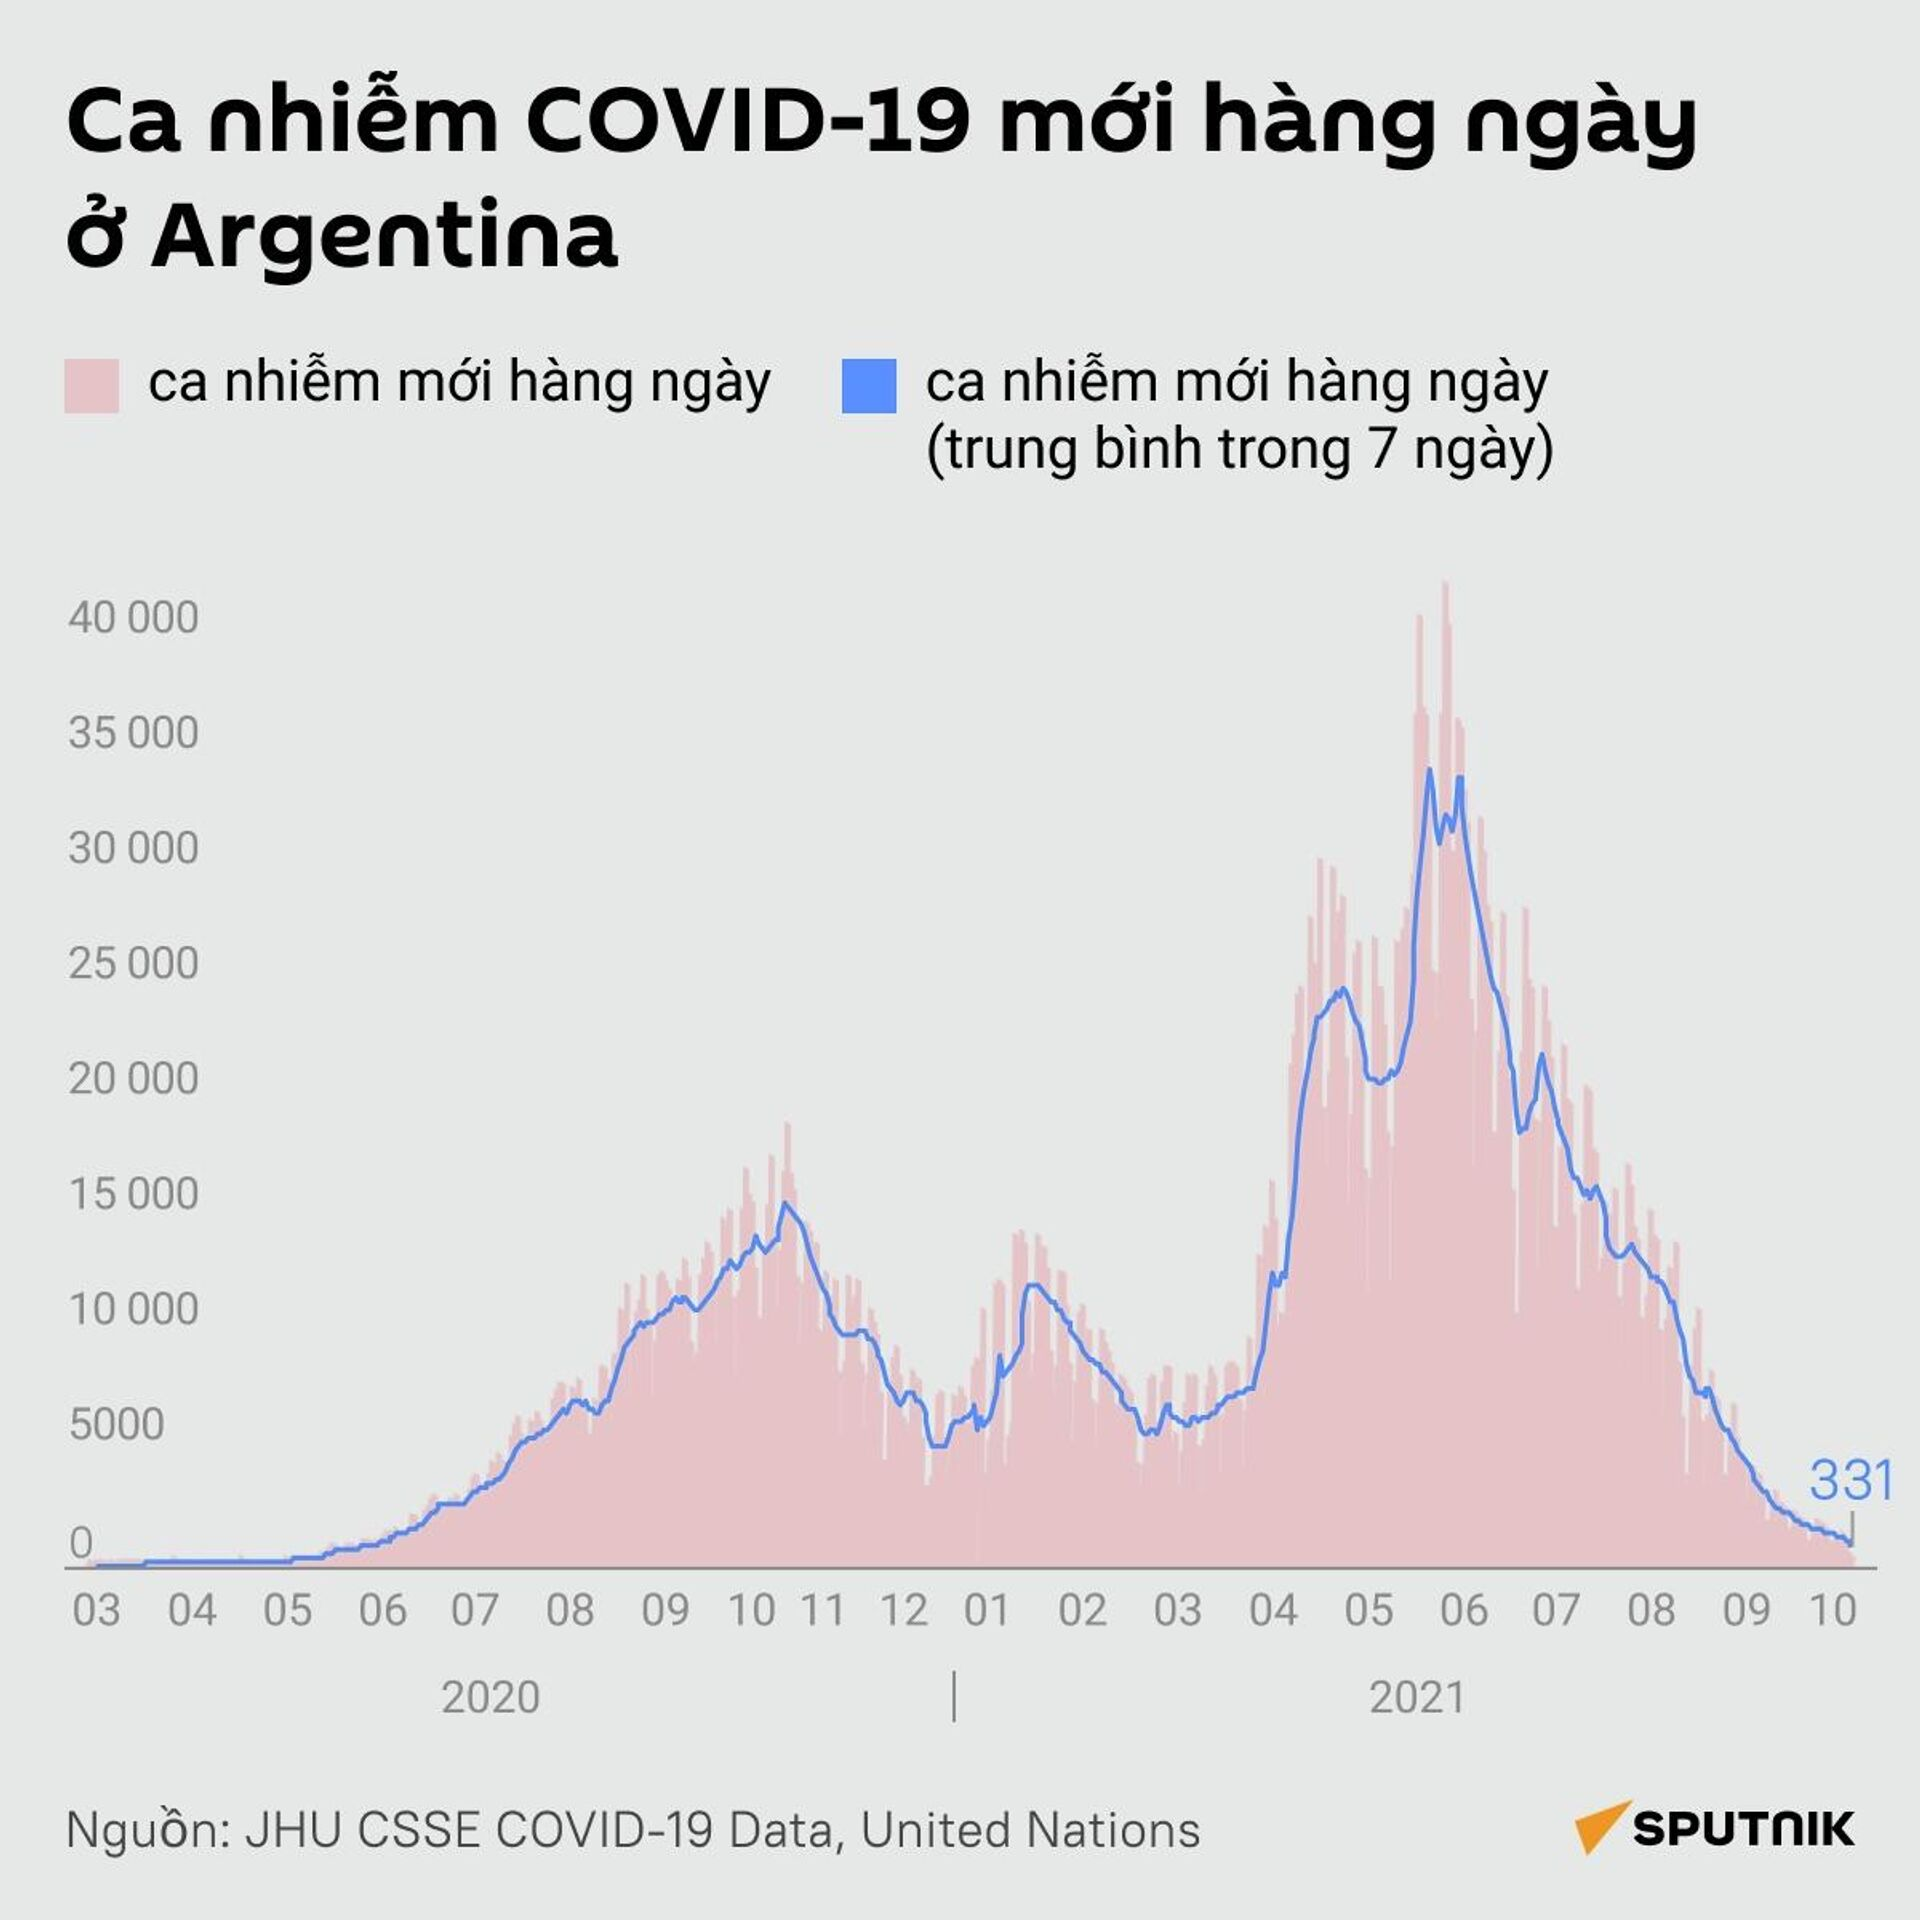 Ca nhiễm COVID-19 mới hàng ngày ở Argentina - Sputnik Việt Nam, 1920, 13.10.2021